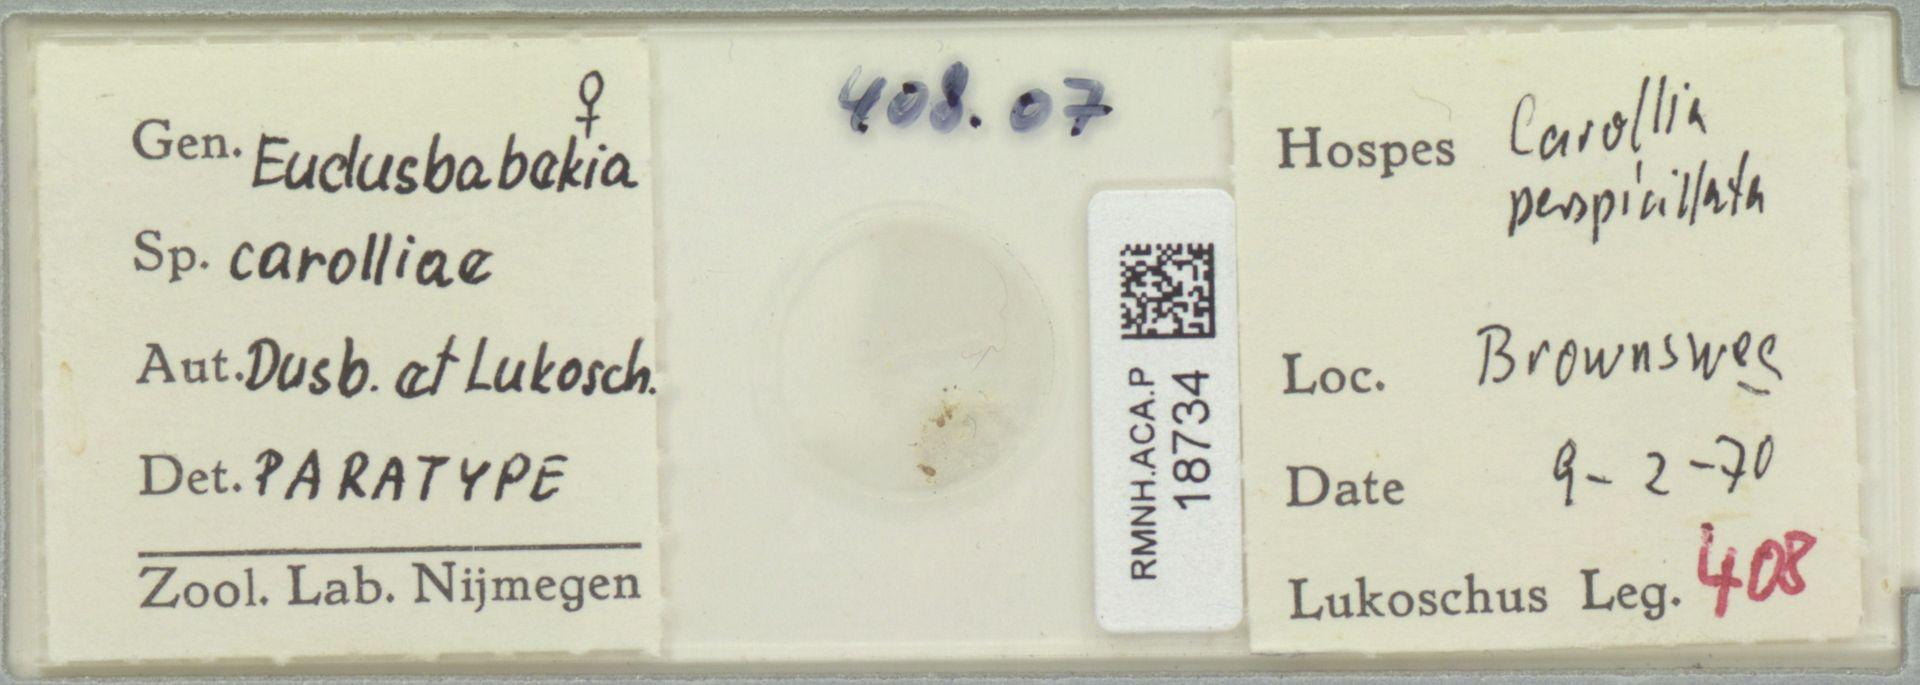 RMNH.ACA.P.18734 | Eudusbabekia carolliae Dusbábek & Lukoschus